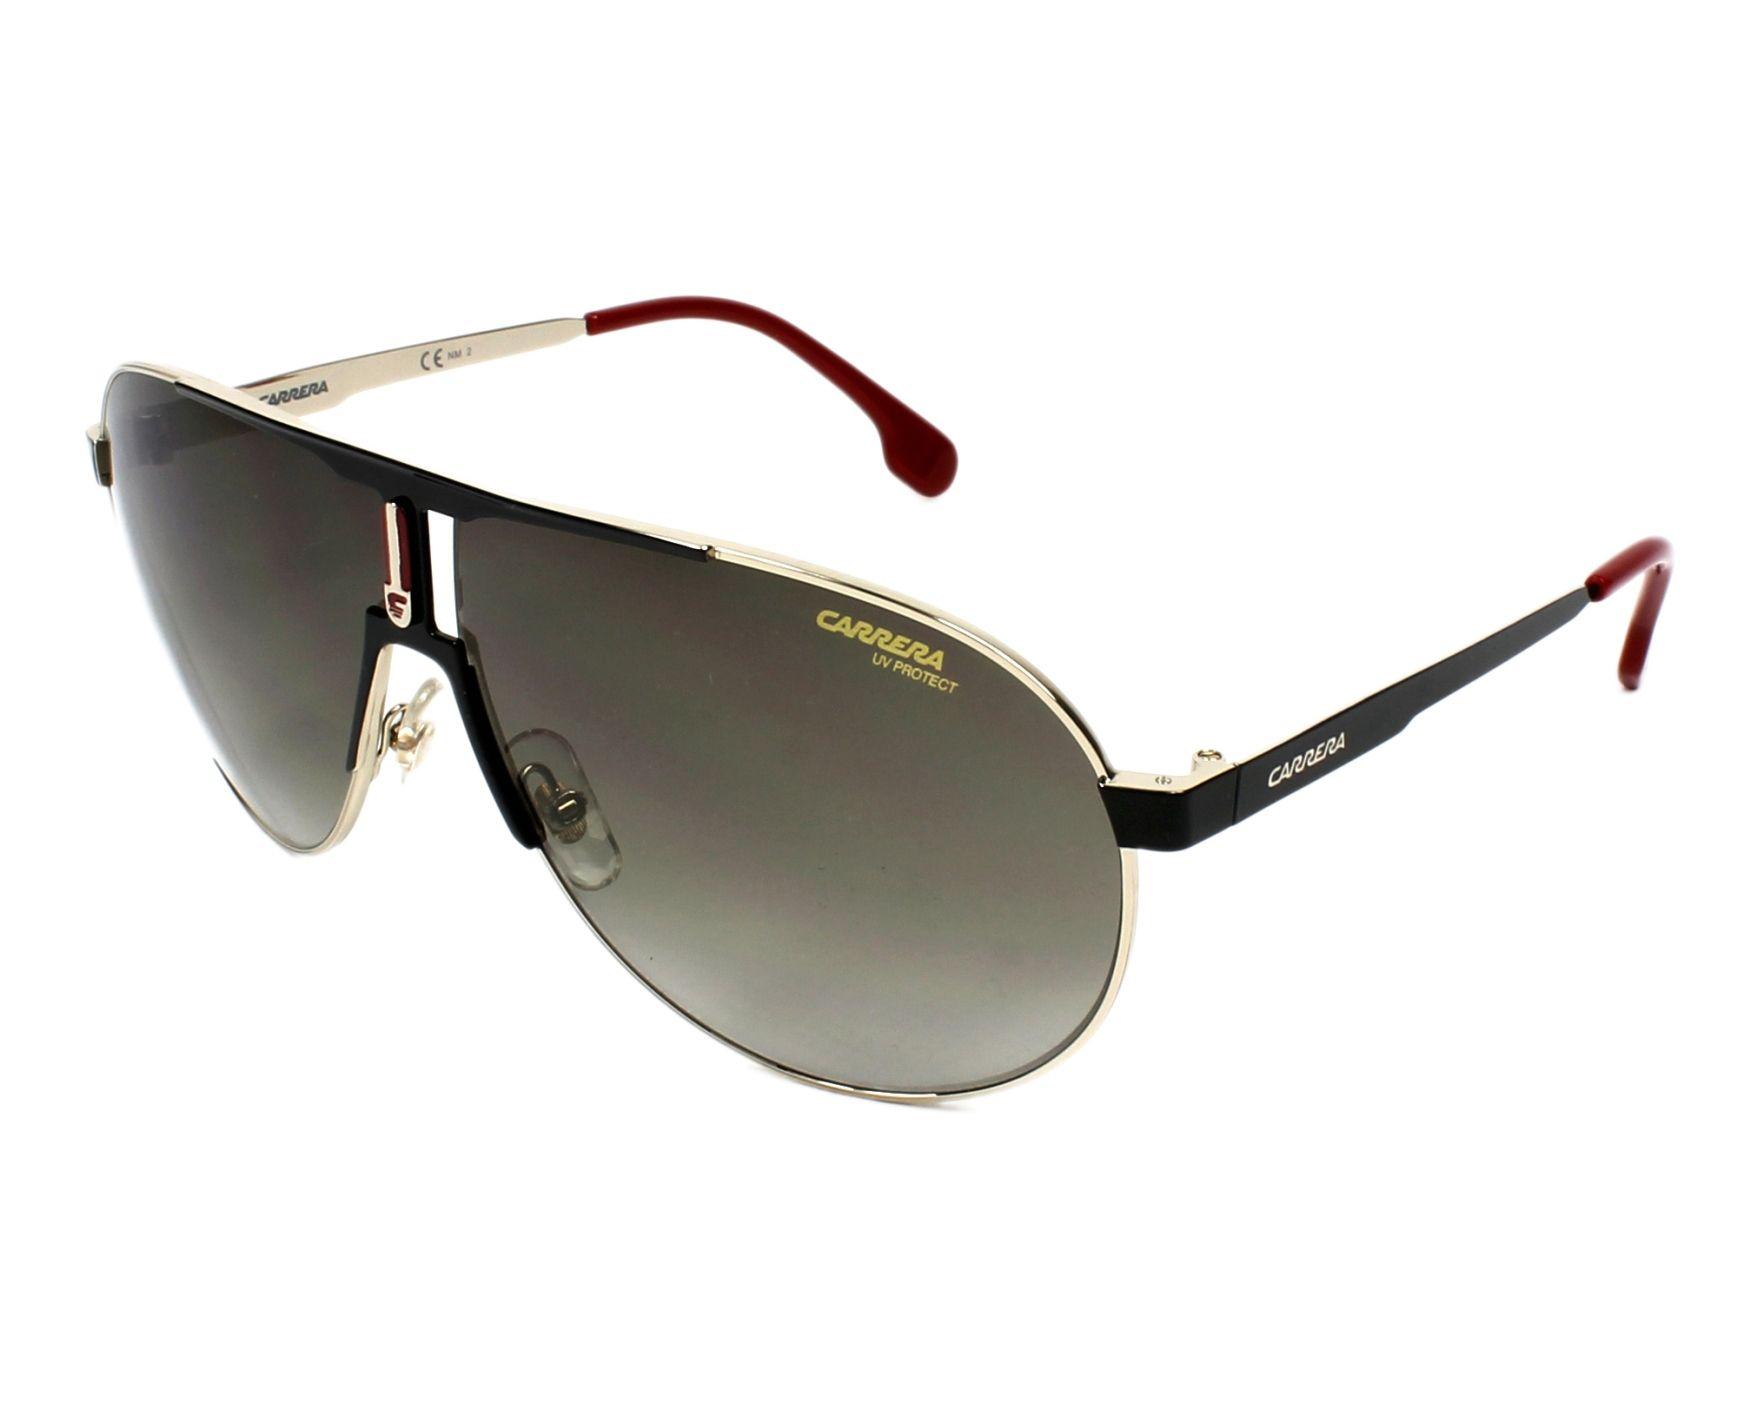 Sunglasses Carrera 1005-S 2M2 HA 66-9 Black Gold profile view fb54daa82f